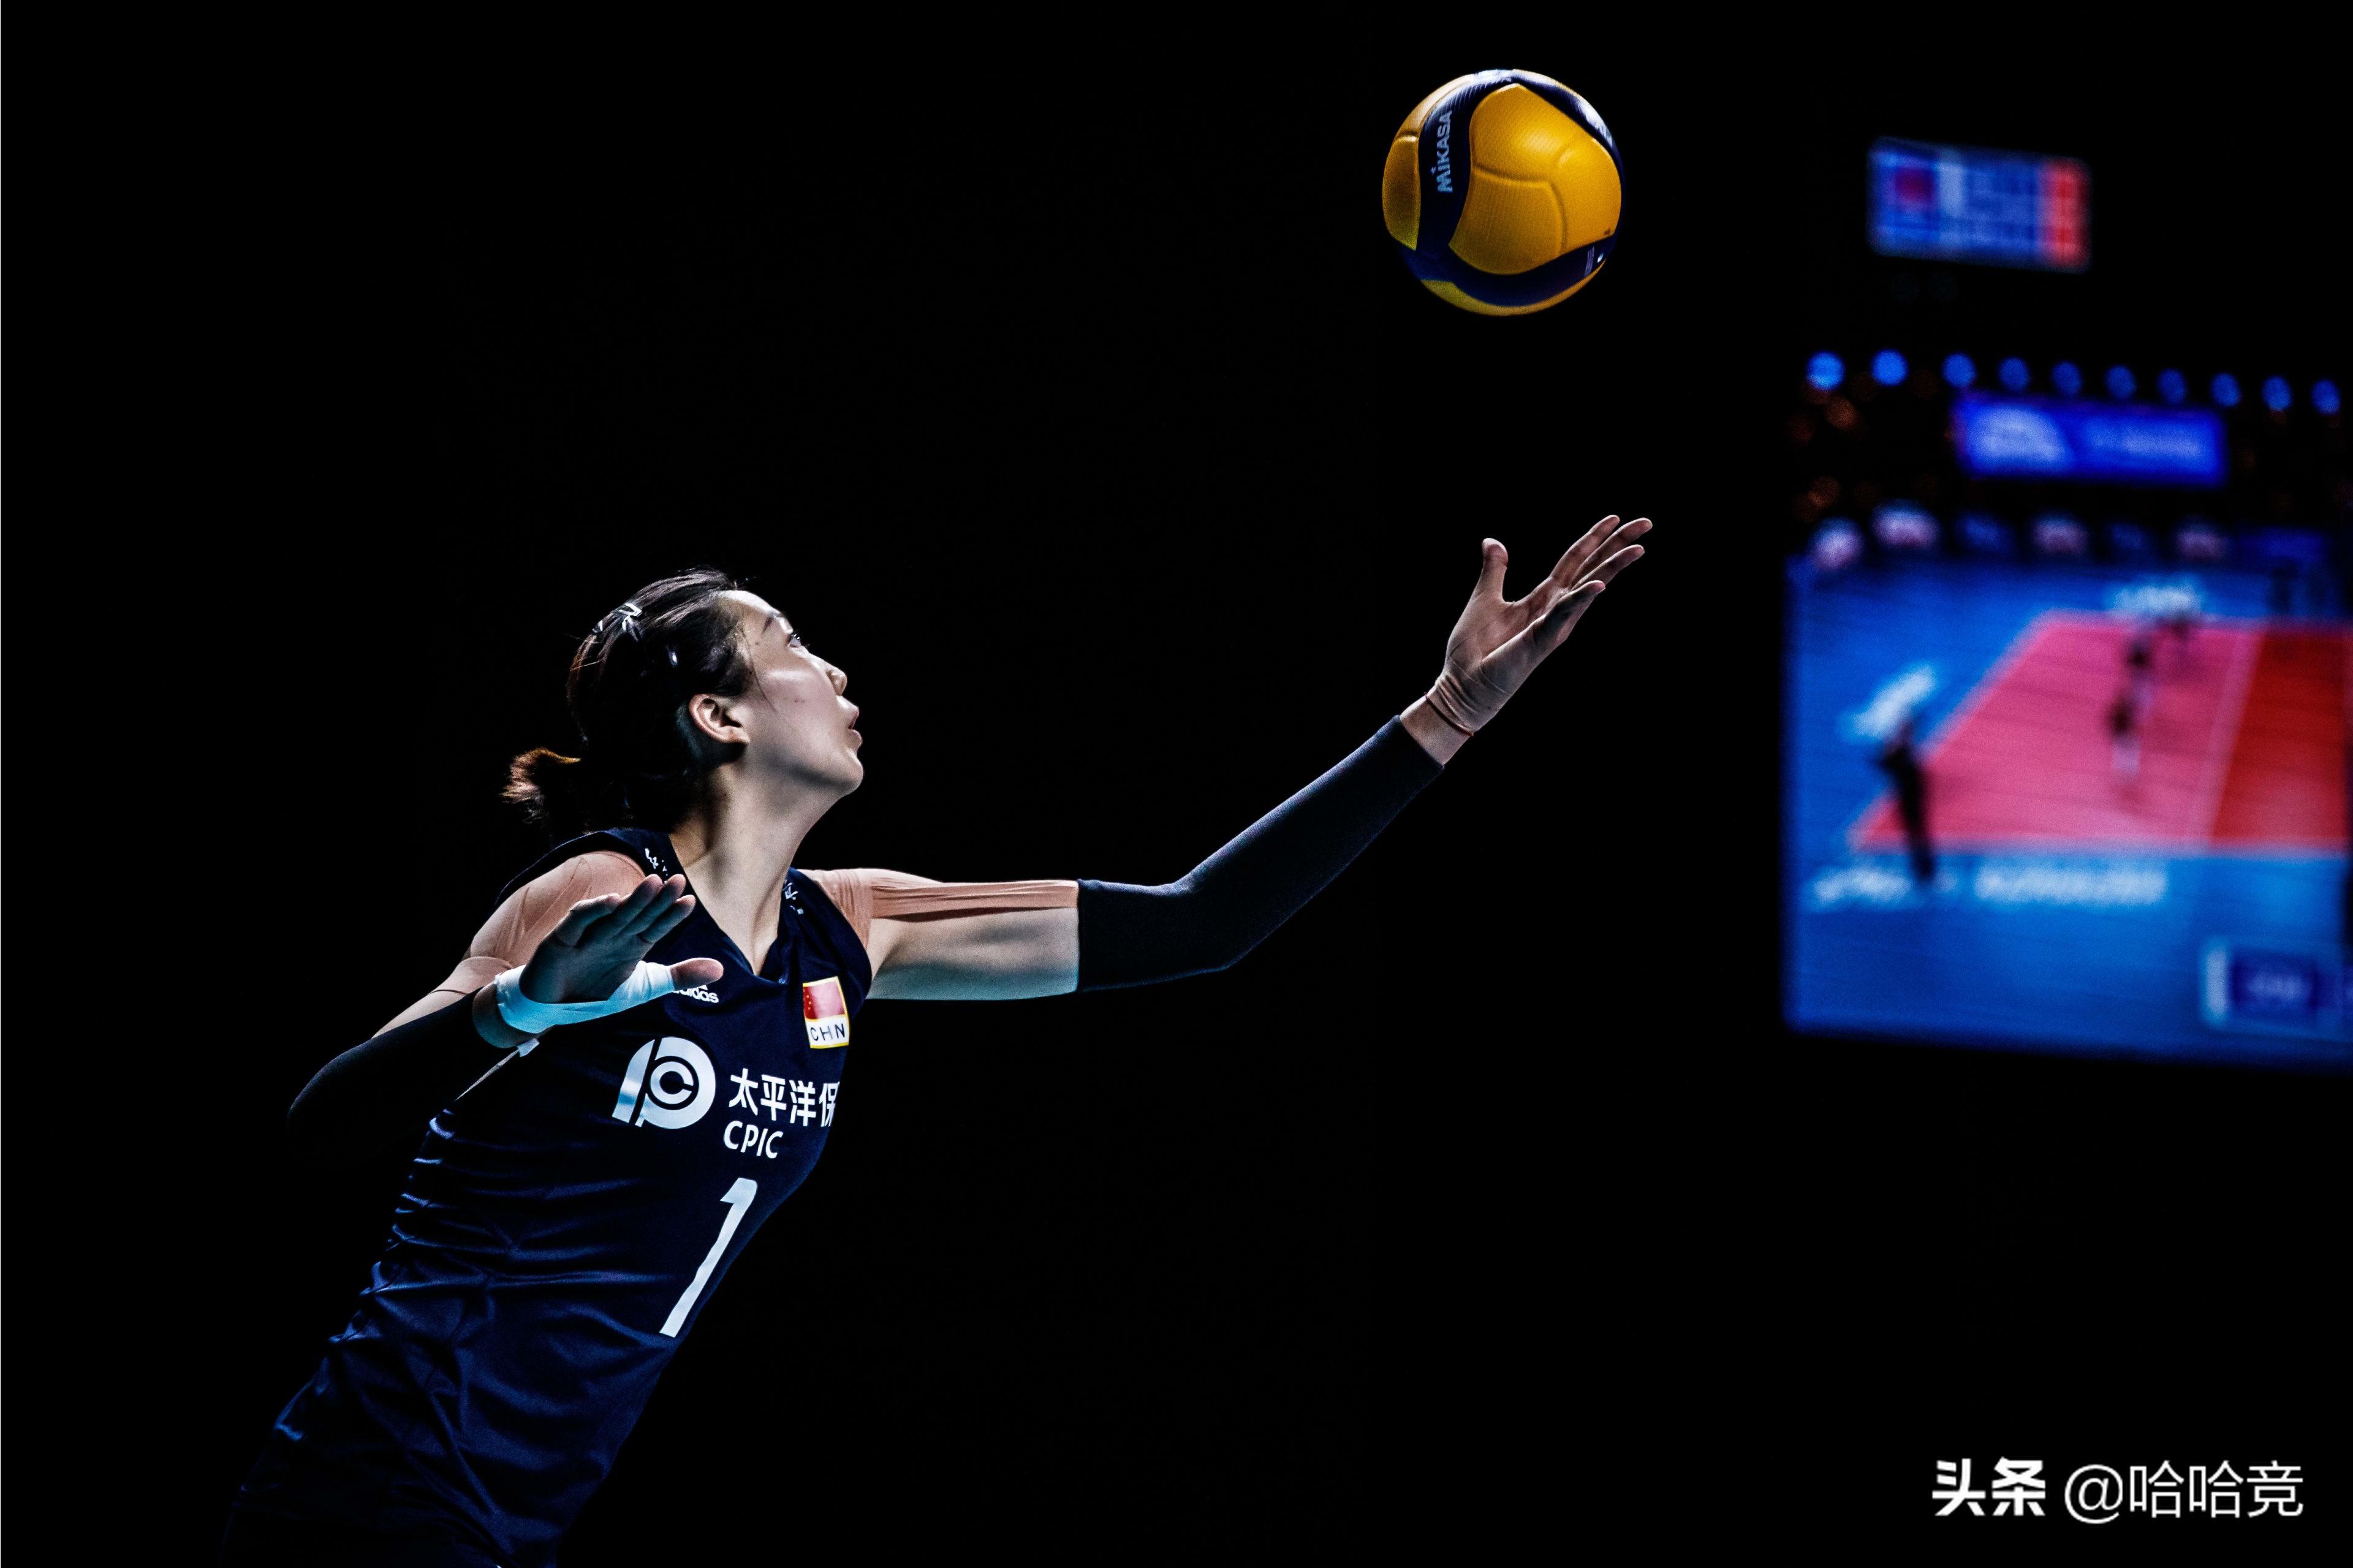 中国女排最新消息 18日3比0战胜俄罗斯 世联赛取得5连胜